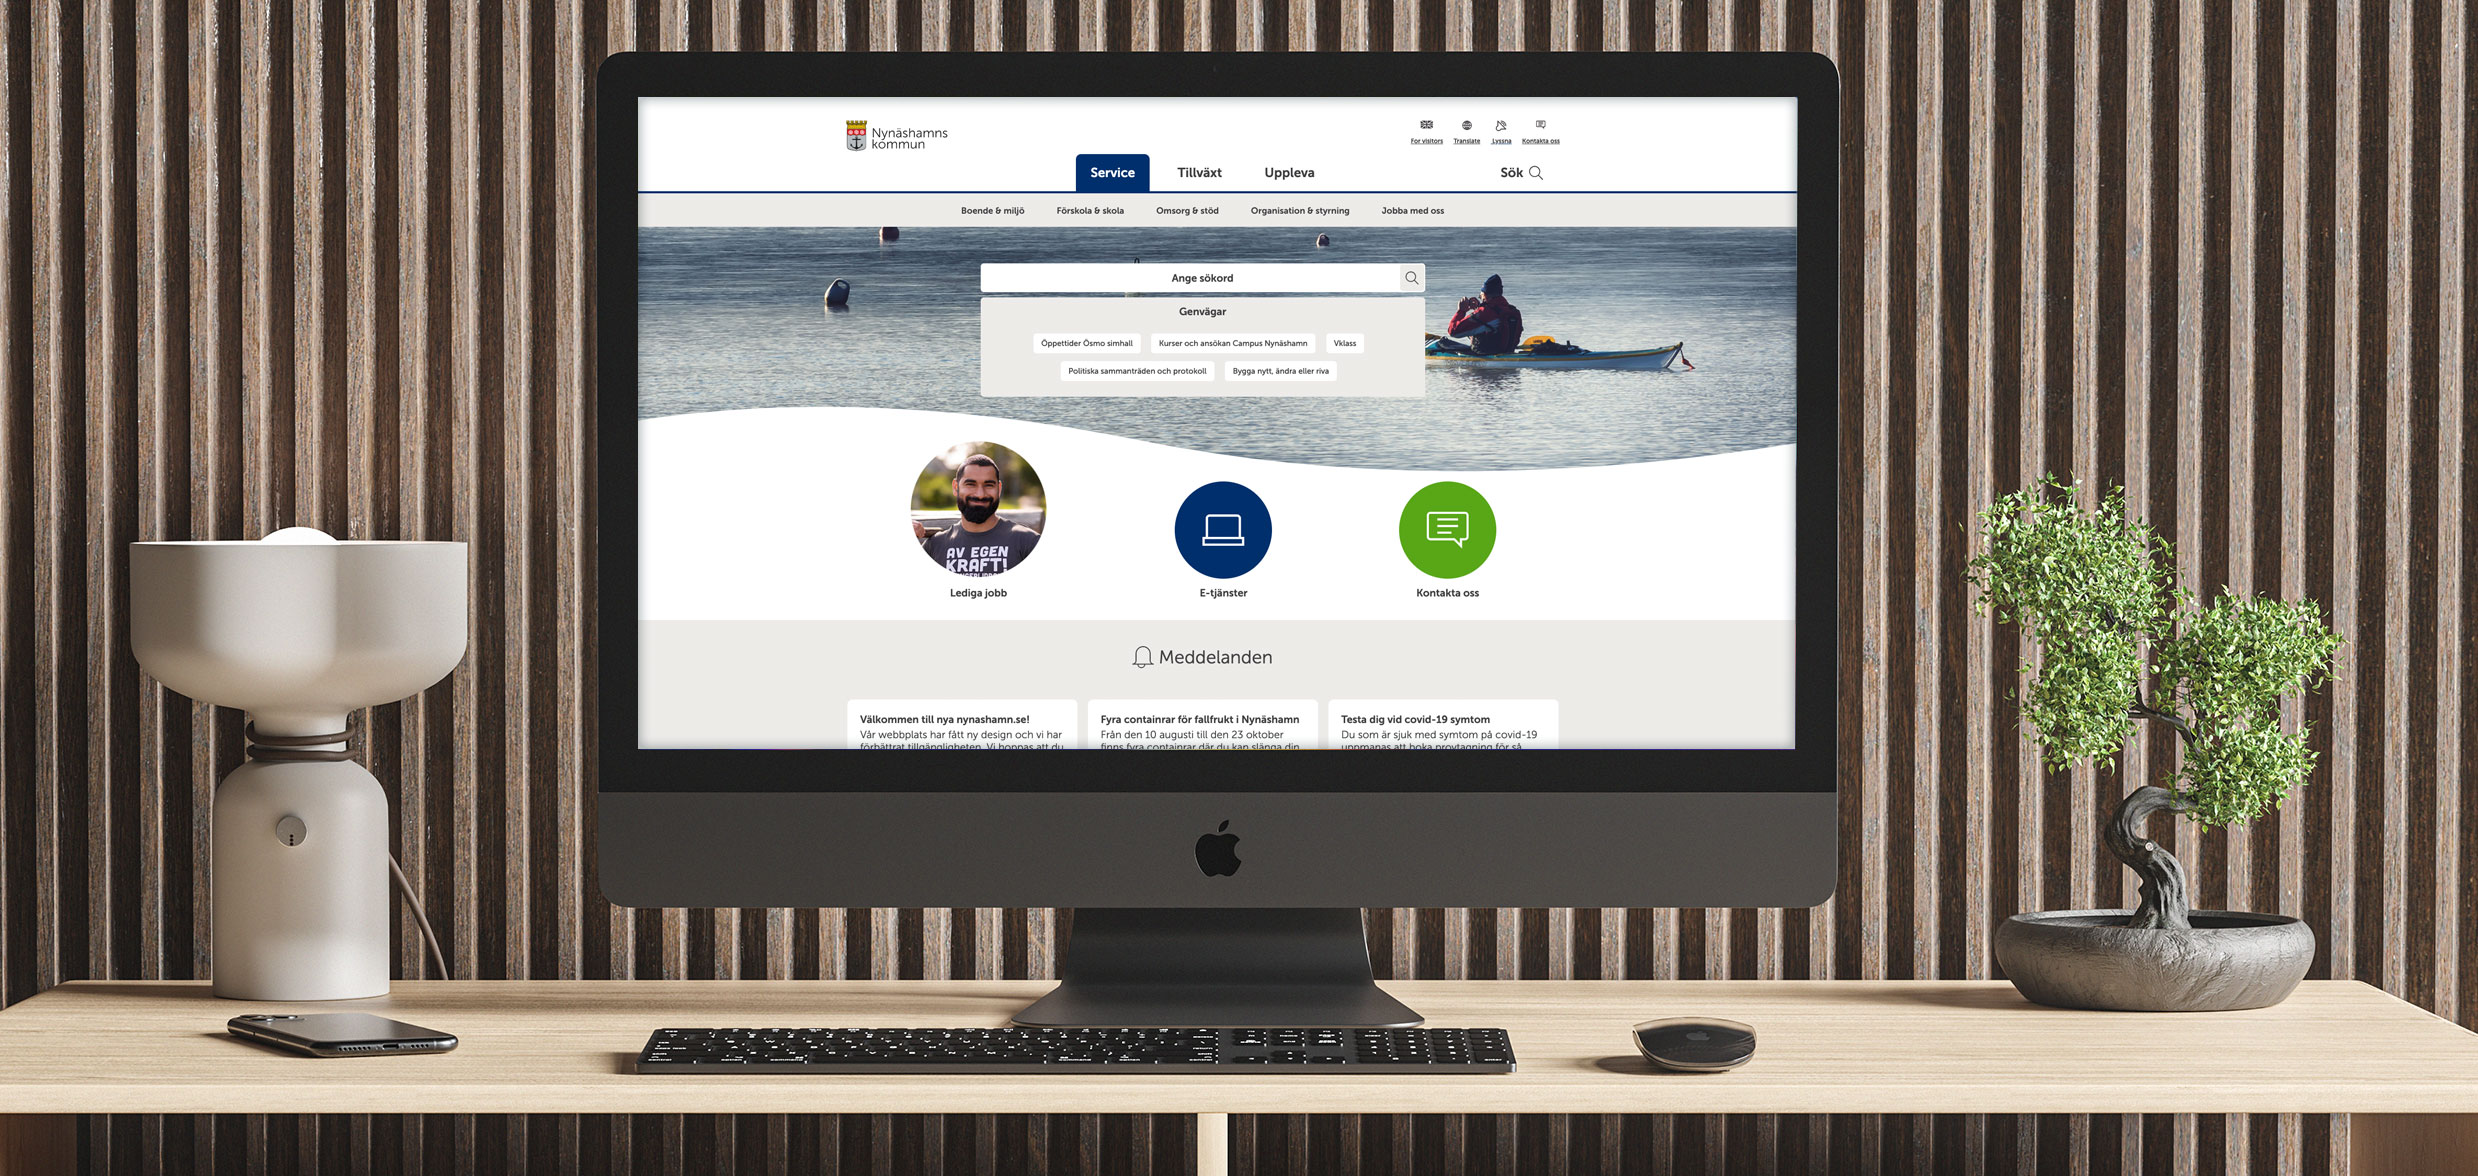 Nynäshamns kommun web design